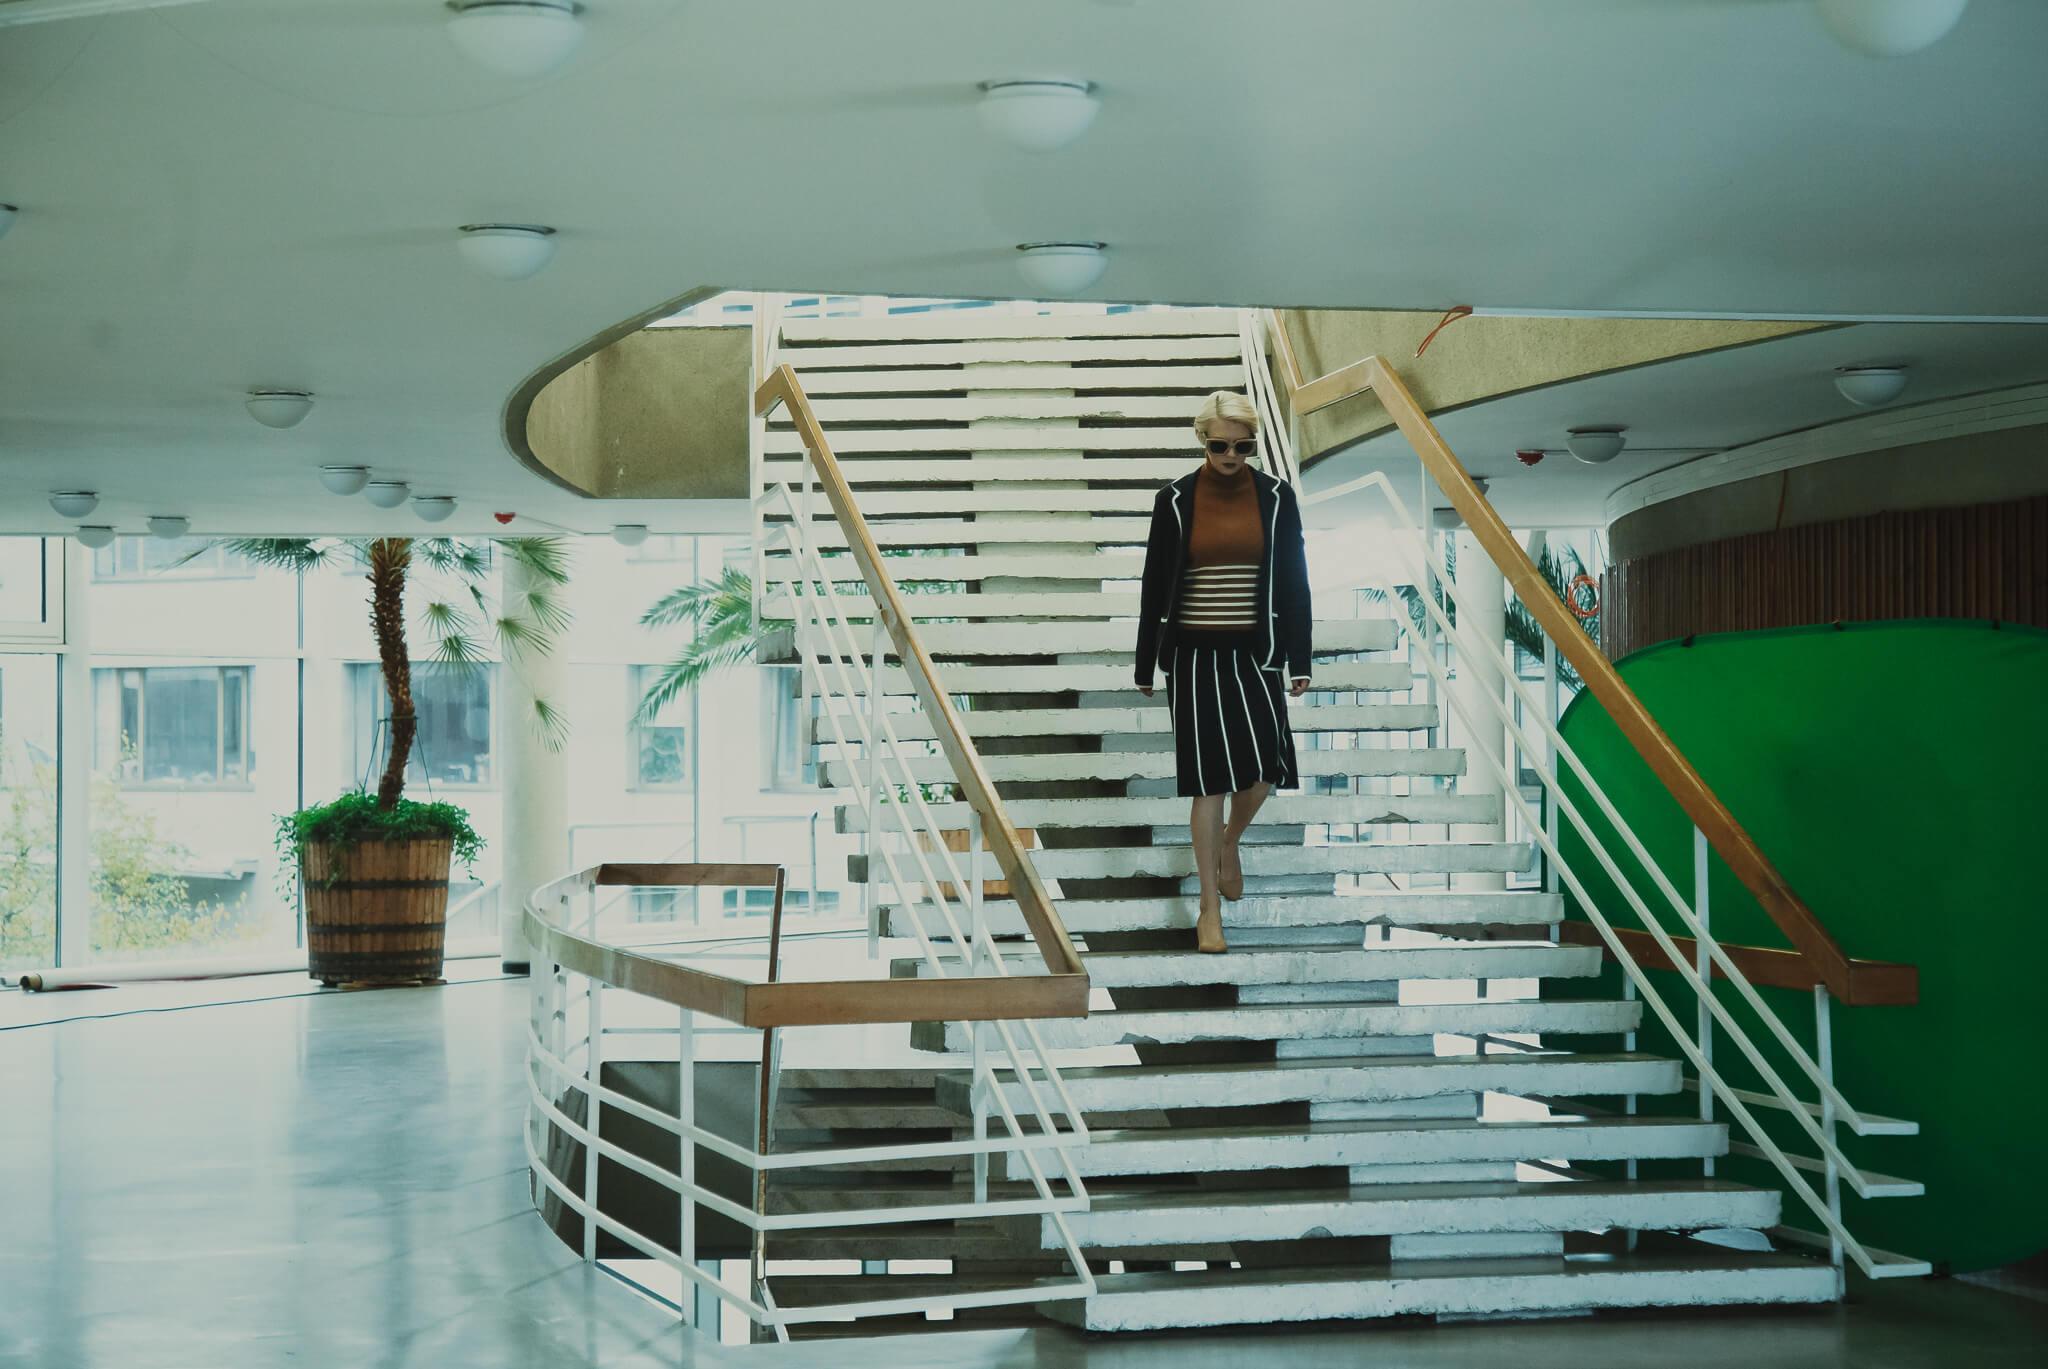 ONUKA презентувала новий кліп-антиутопію, в якому одягнута в речі з секонду (ВІДЕО)